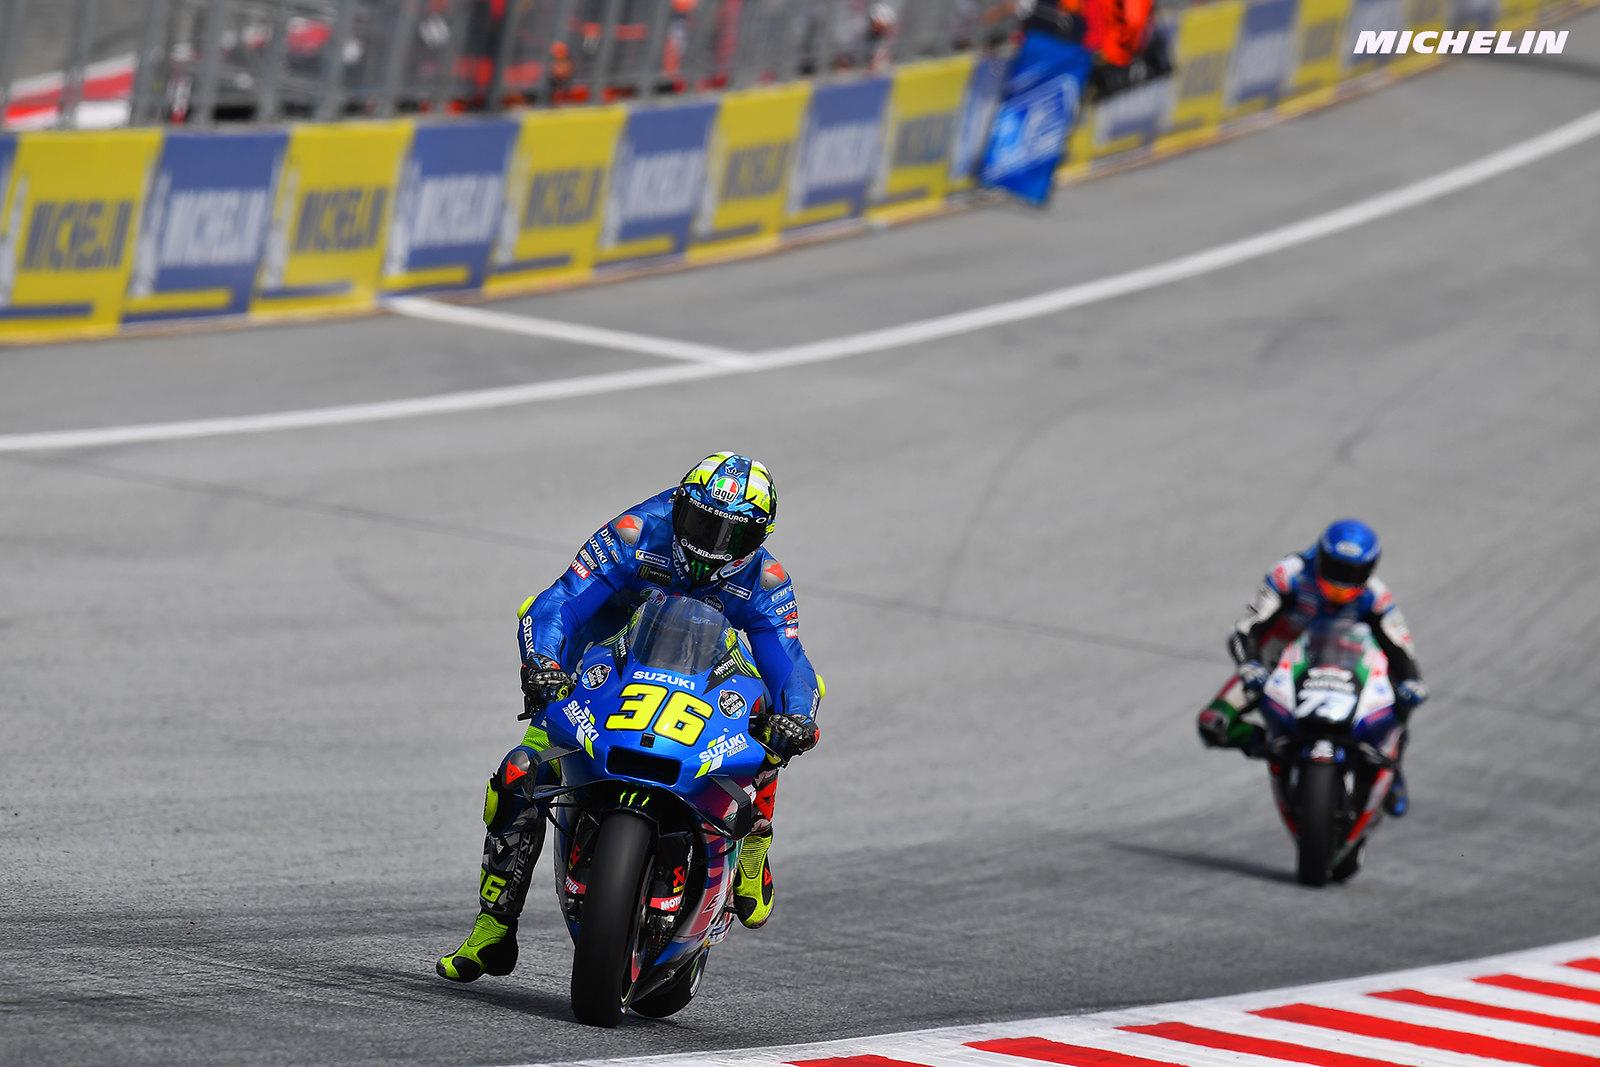 MotoGP2021スティリアGP 予選5位ジョアン・ミル「ライドハイトデバイスの効果を感じた」